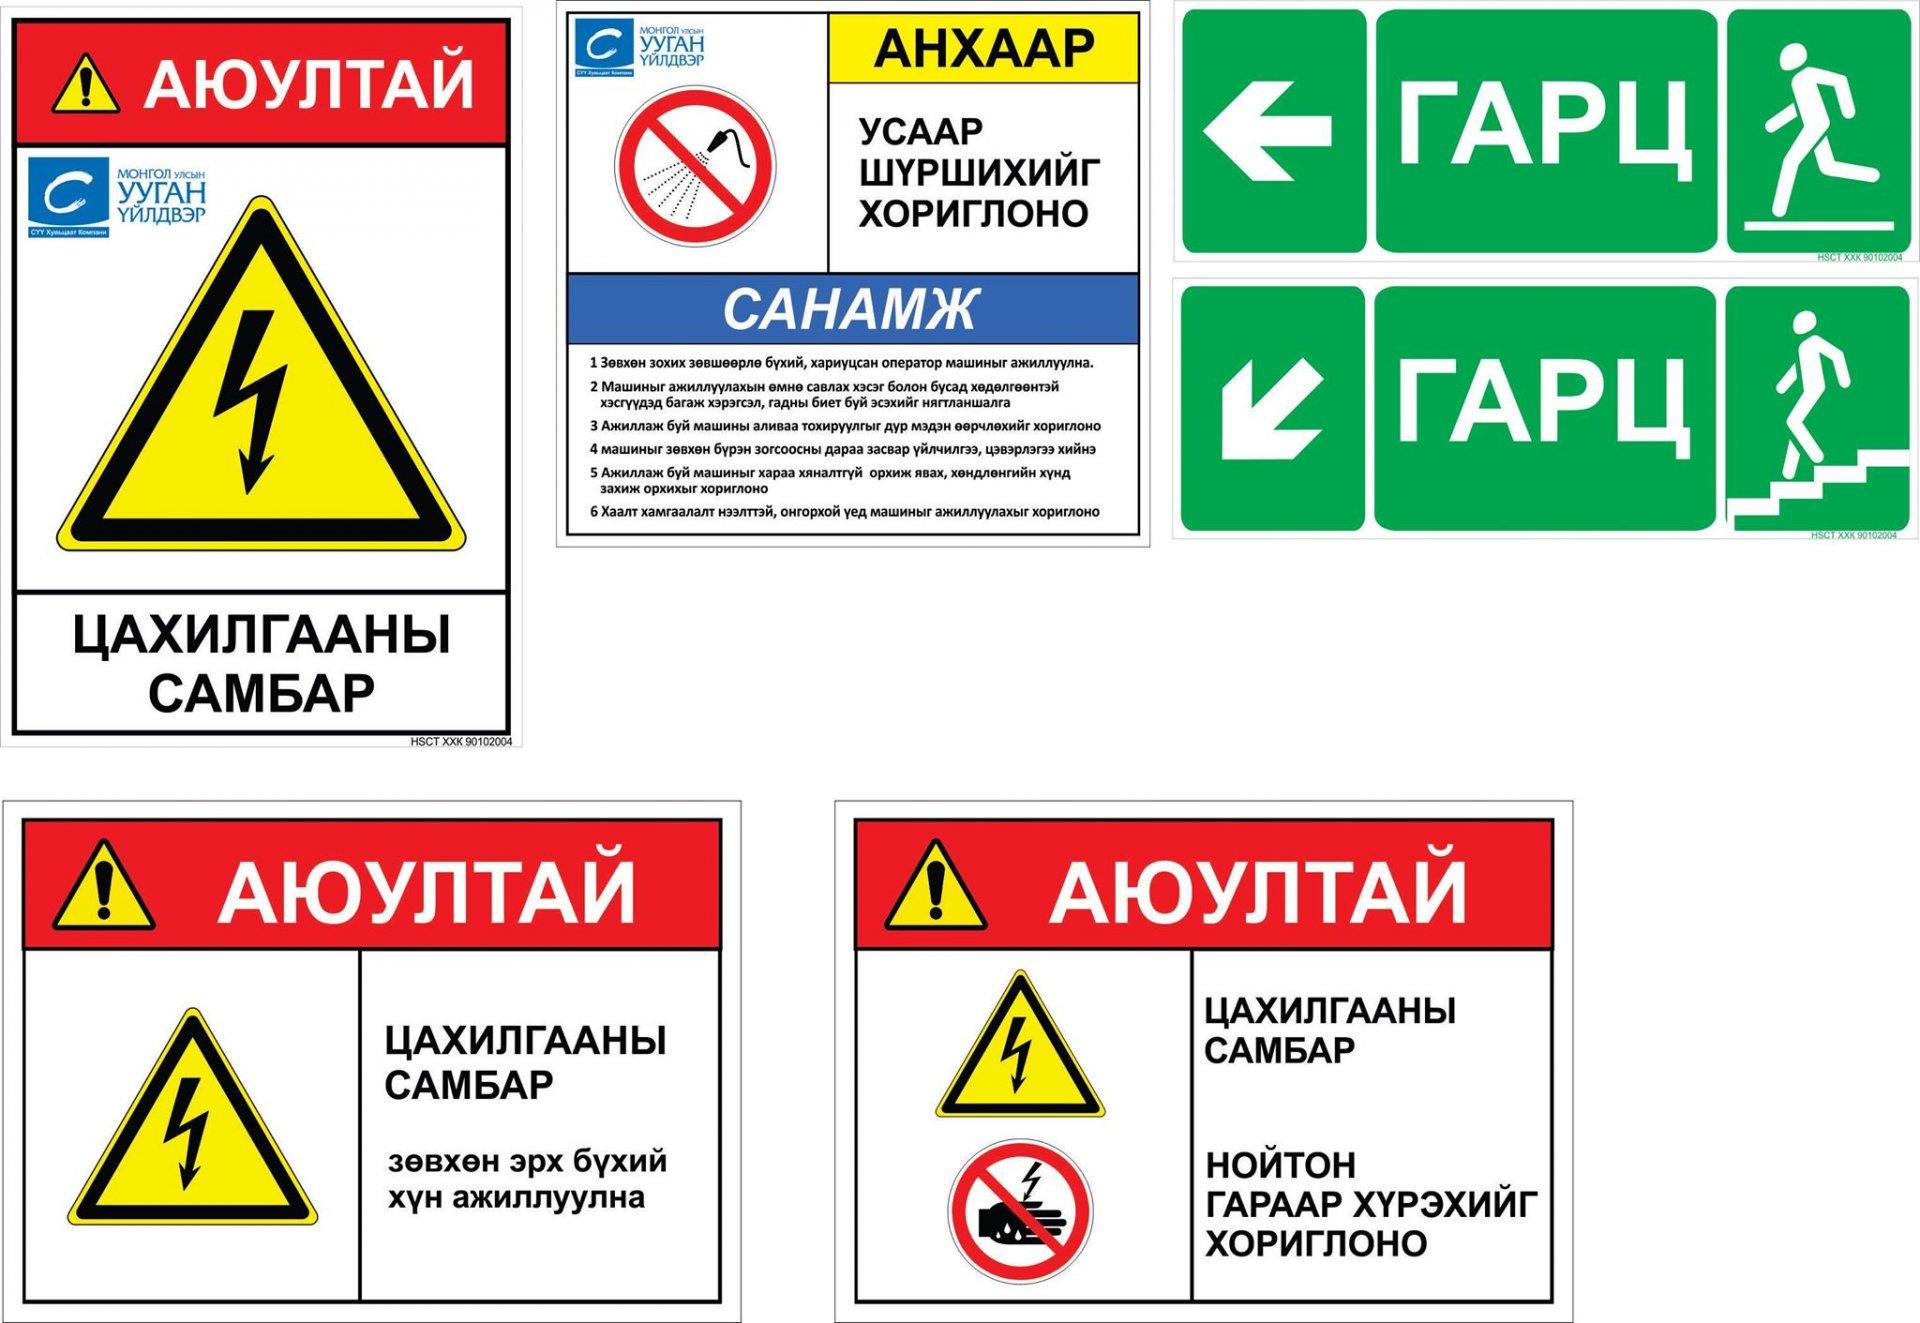 Барилгын талбайн тэмдэг, тэмдэглэгээ презентаци (татаж авах)